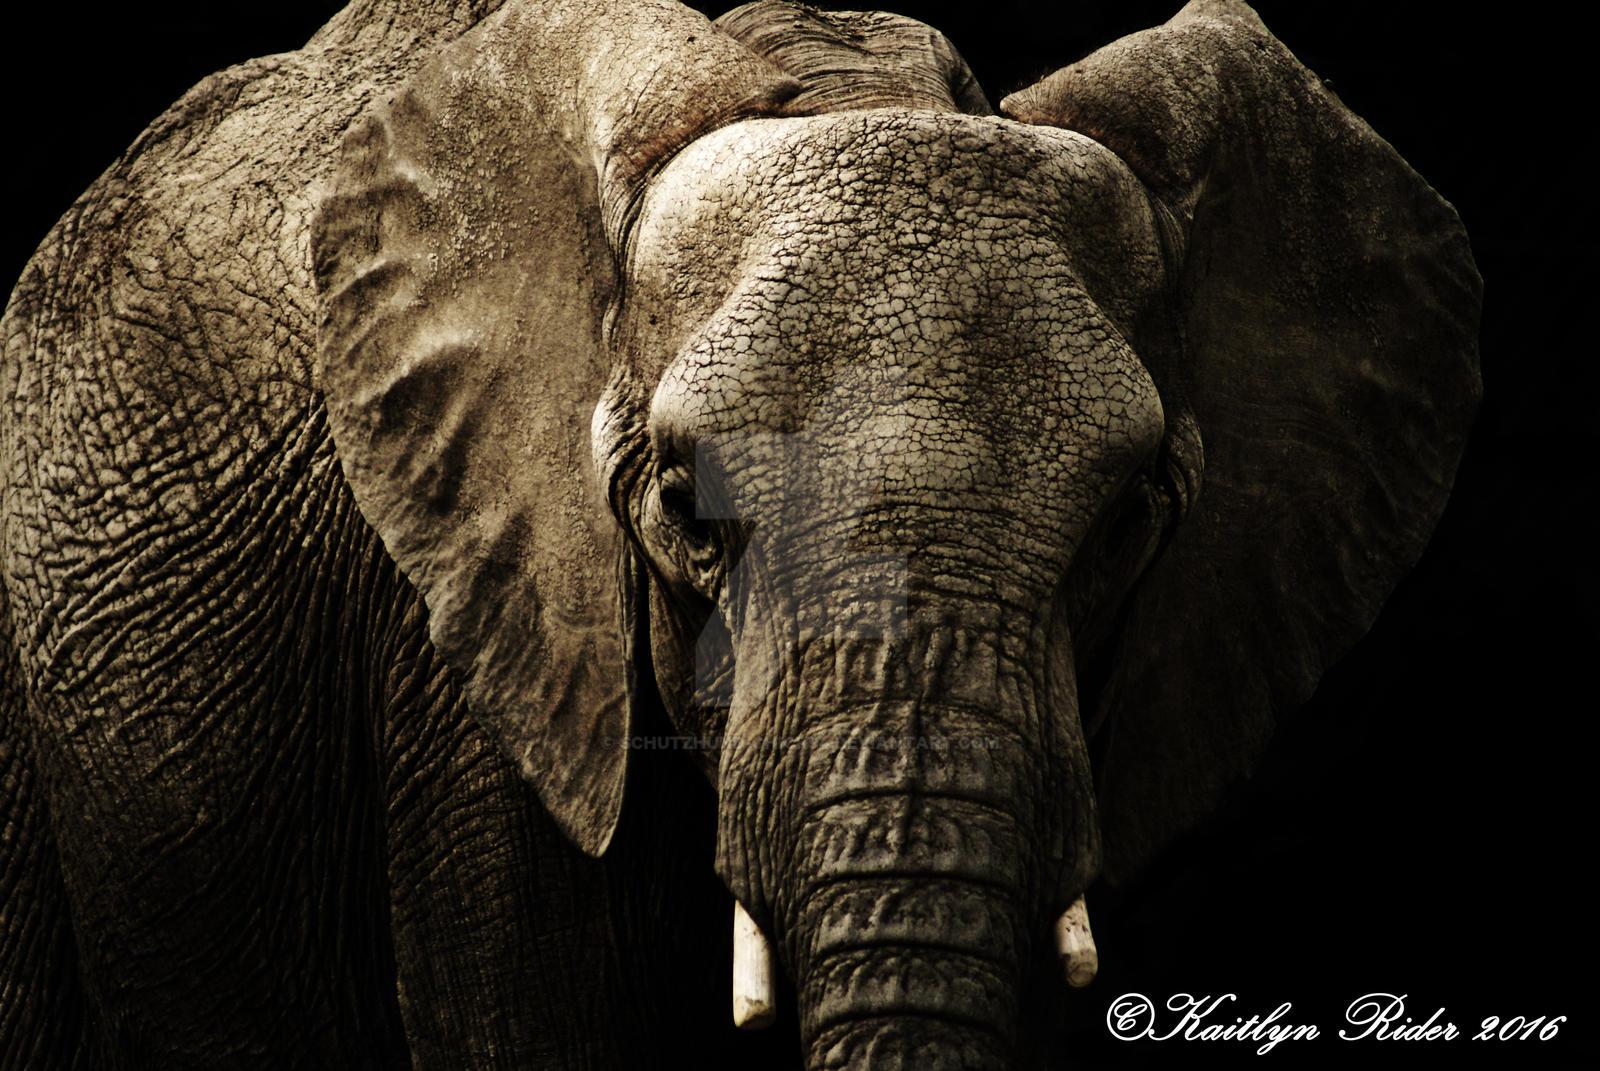 Fabulous African Elephant wallpaper by Schutzhund-Chick94 on DeviantArt JC95